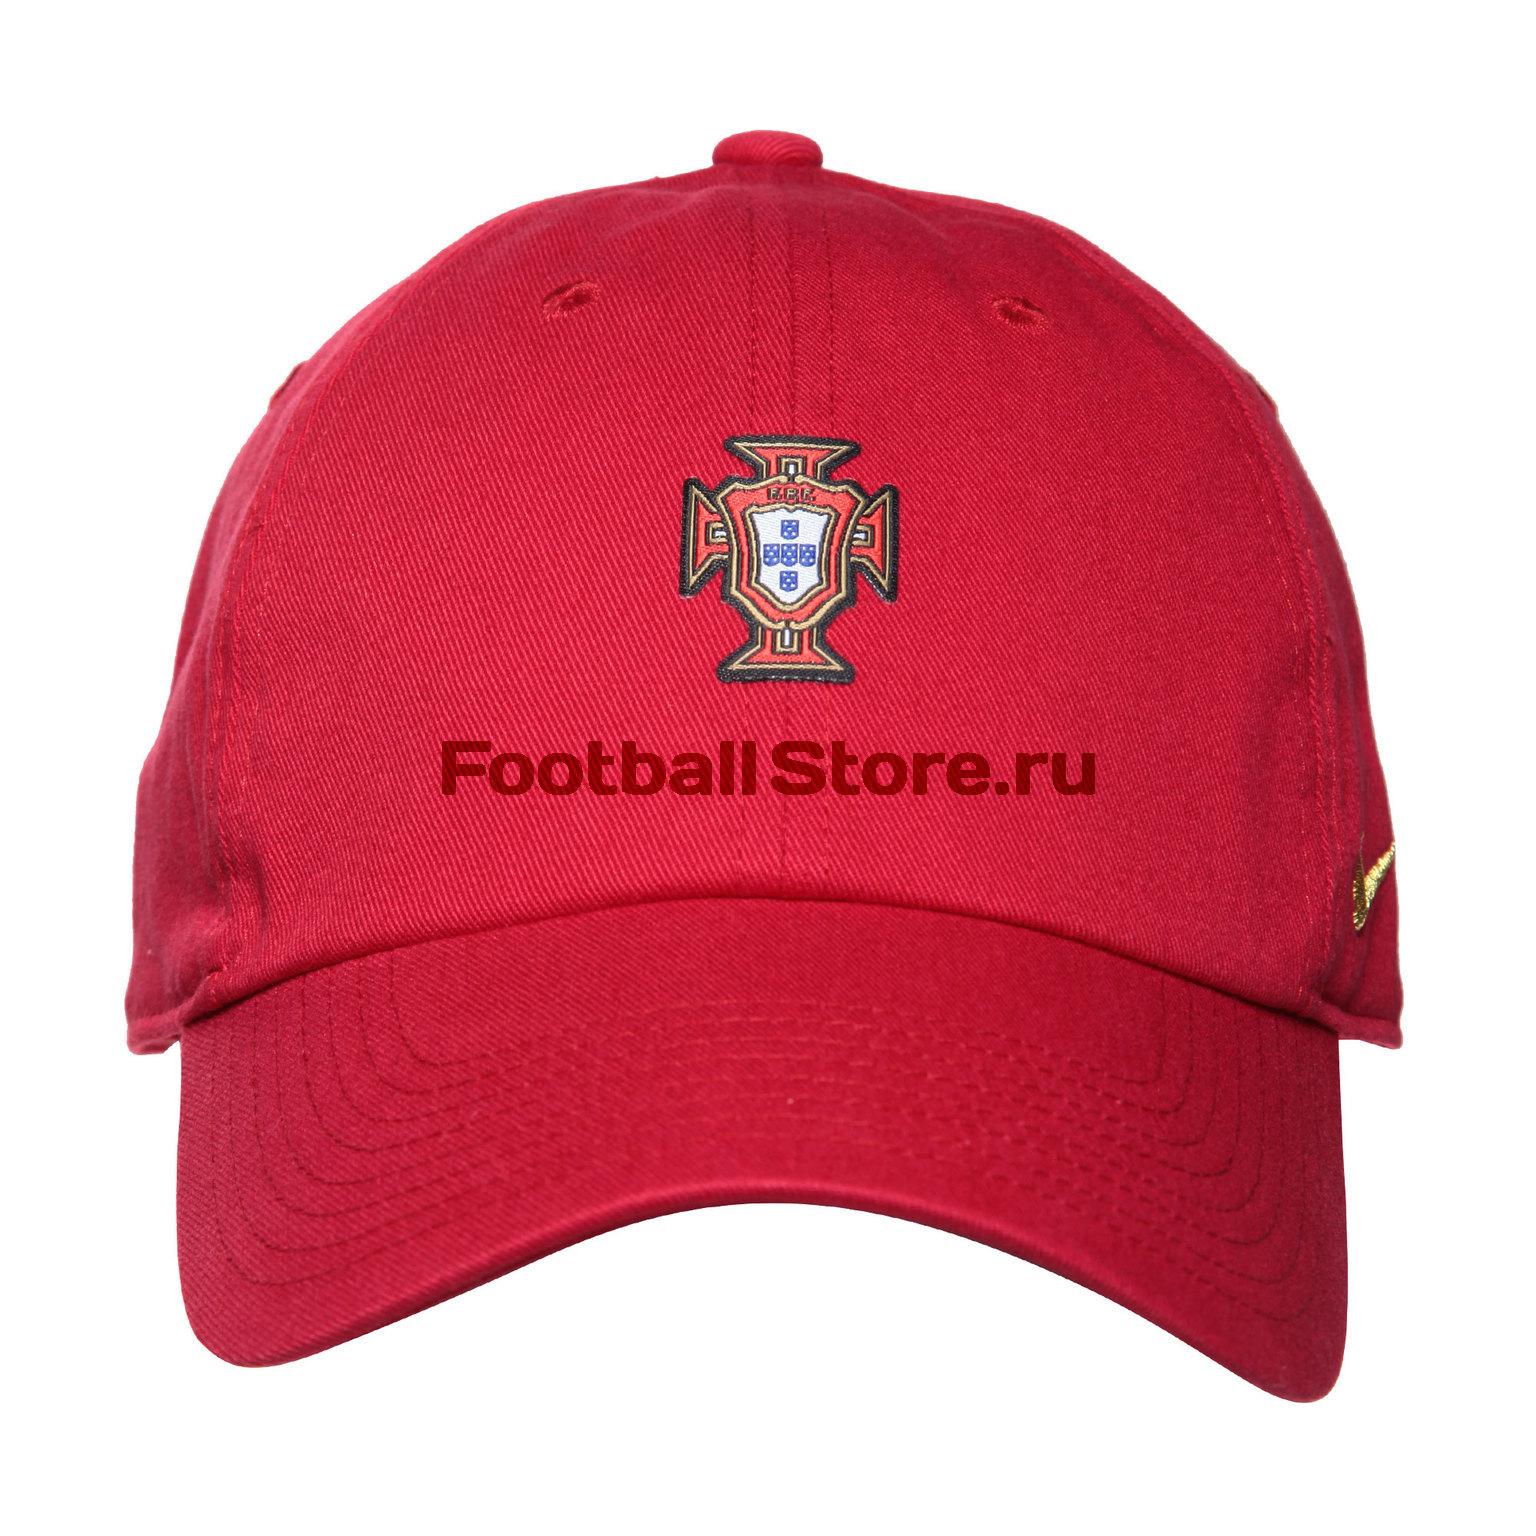 Бейсболка Nike сборной Португалии 898024-677 – купить в интернет ... 6117e44e5c8